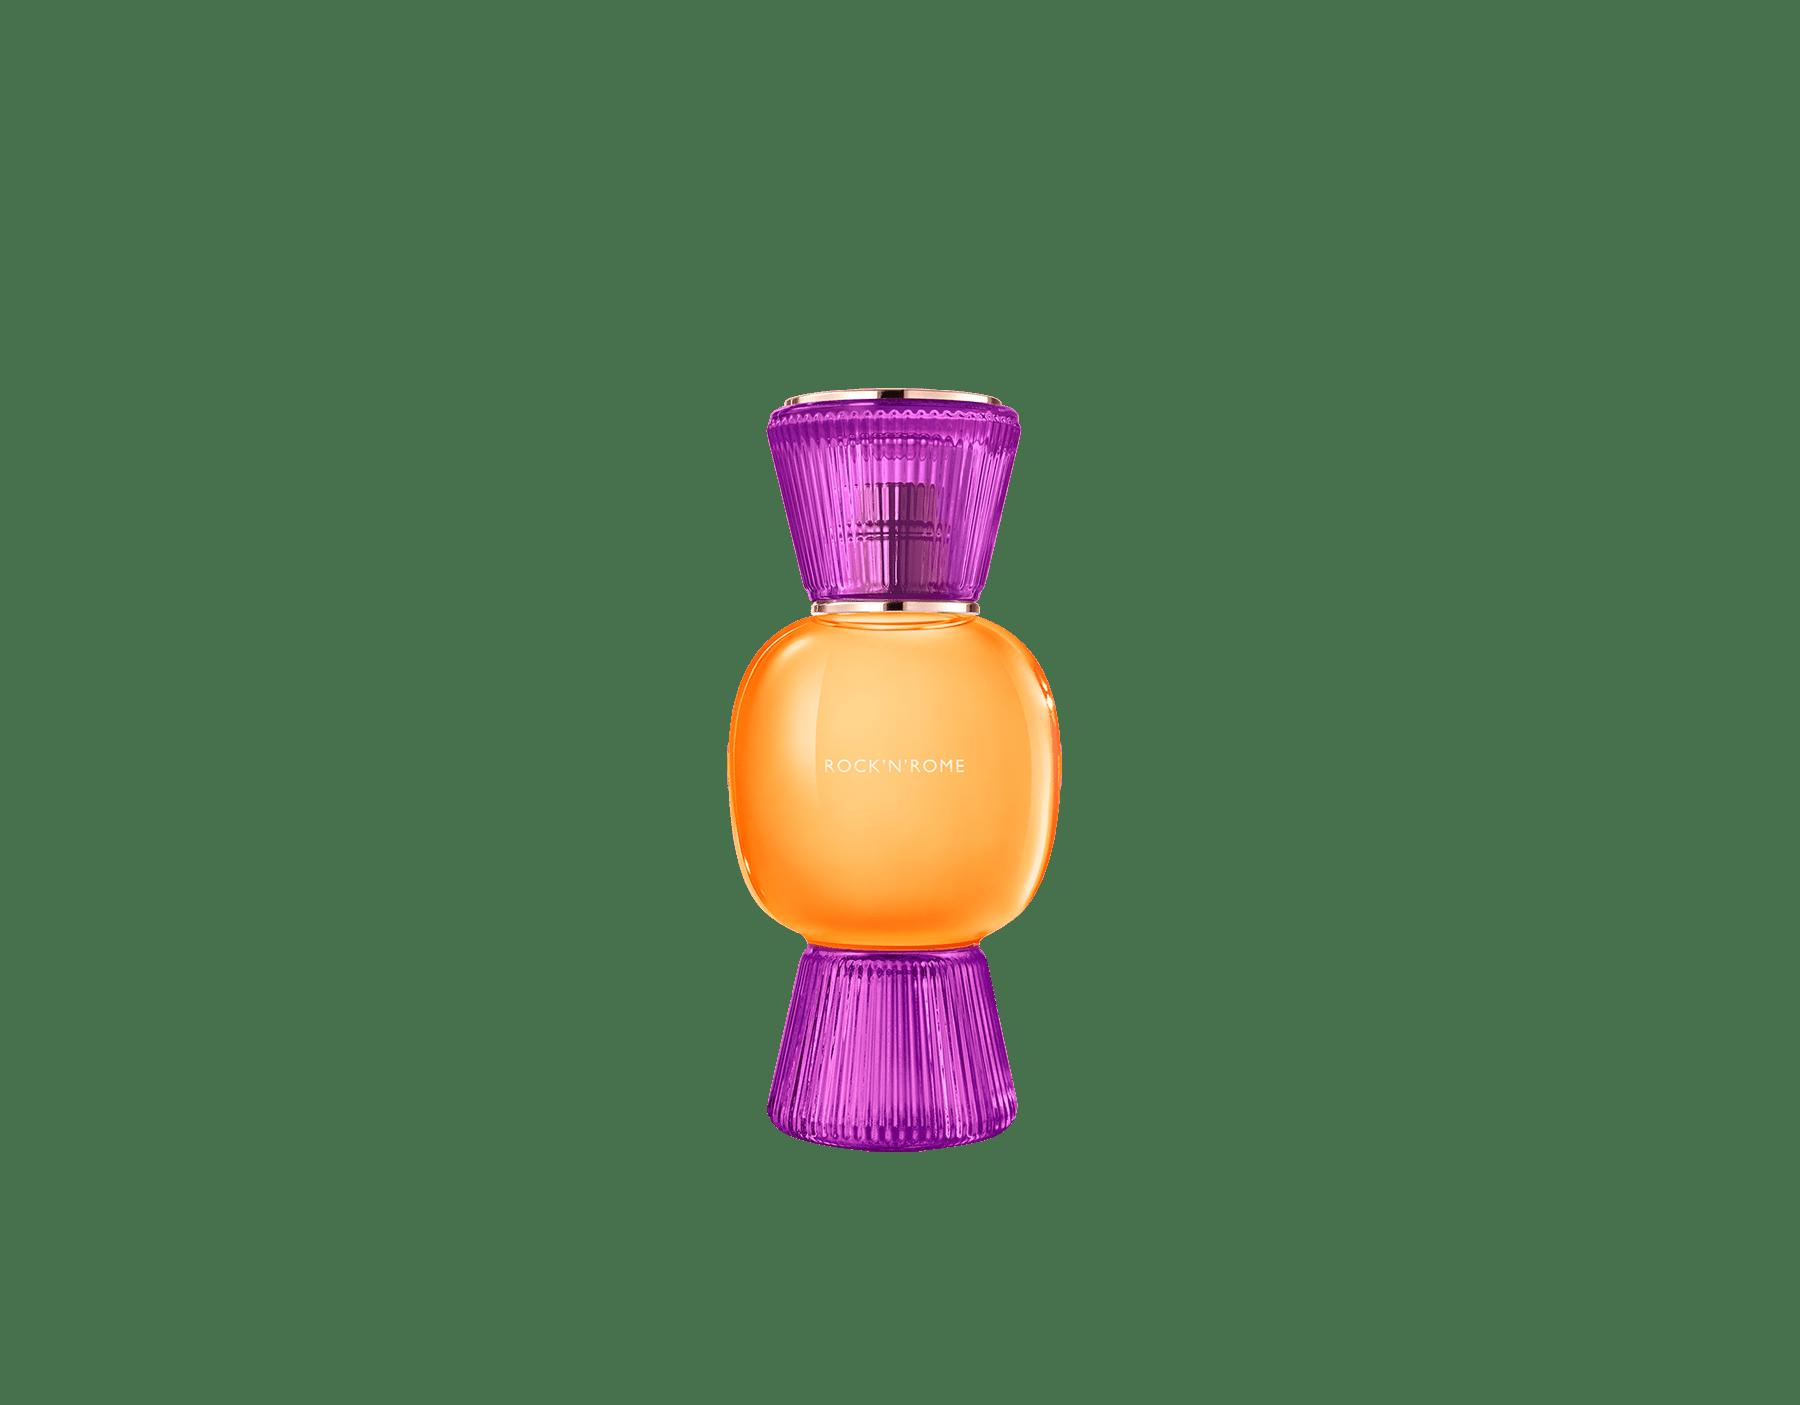 «Comme l'émoi d'un rendez-vous à Rome.» Jacques Cavallier Une fragrance liquoreuse et florientale, expression de la plénitude de partager un moment ensemble sur une terrasse romaine 41239 image 1